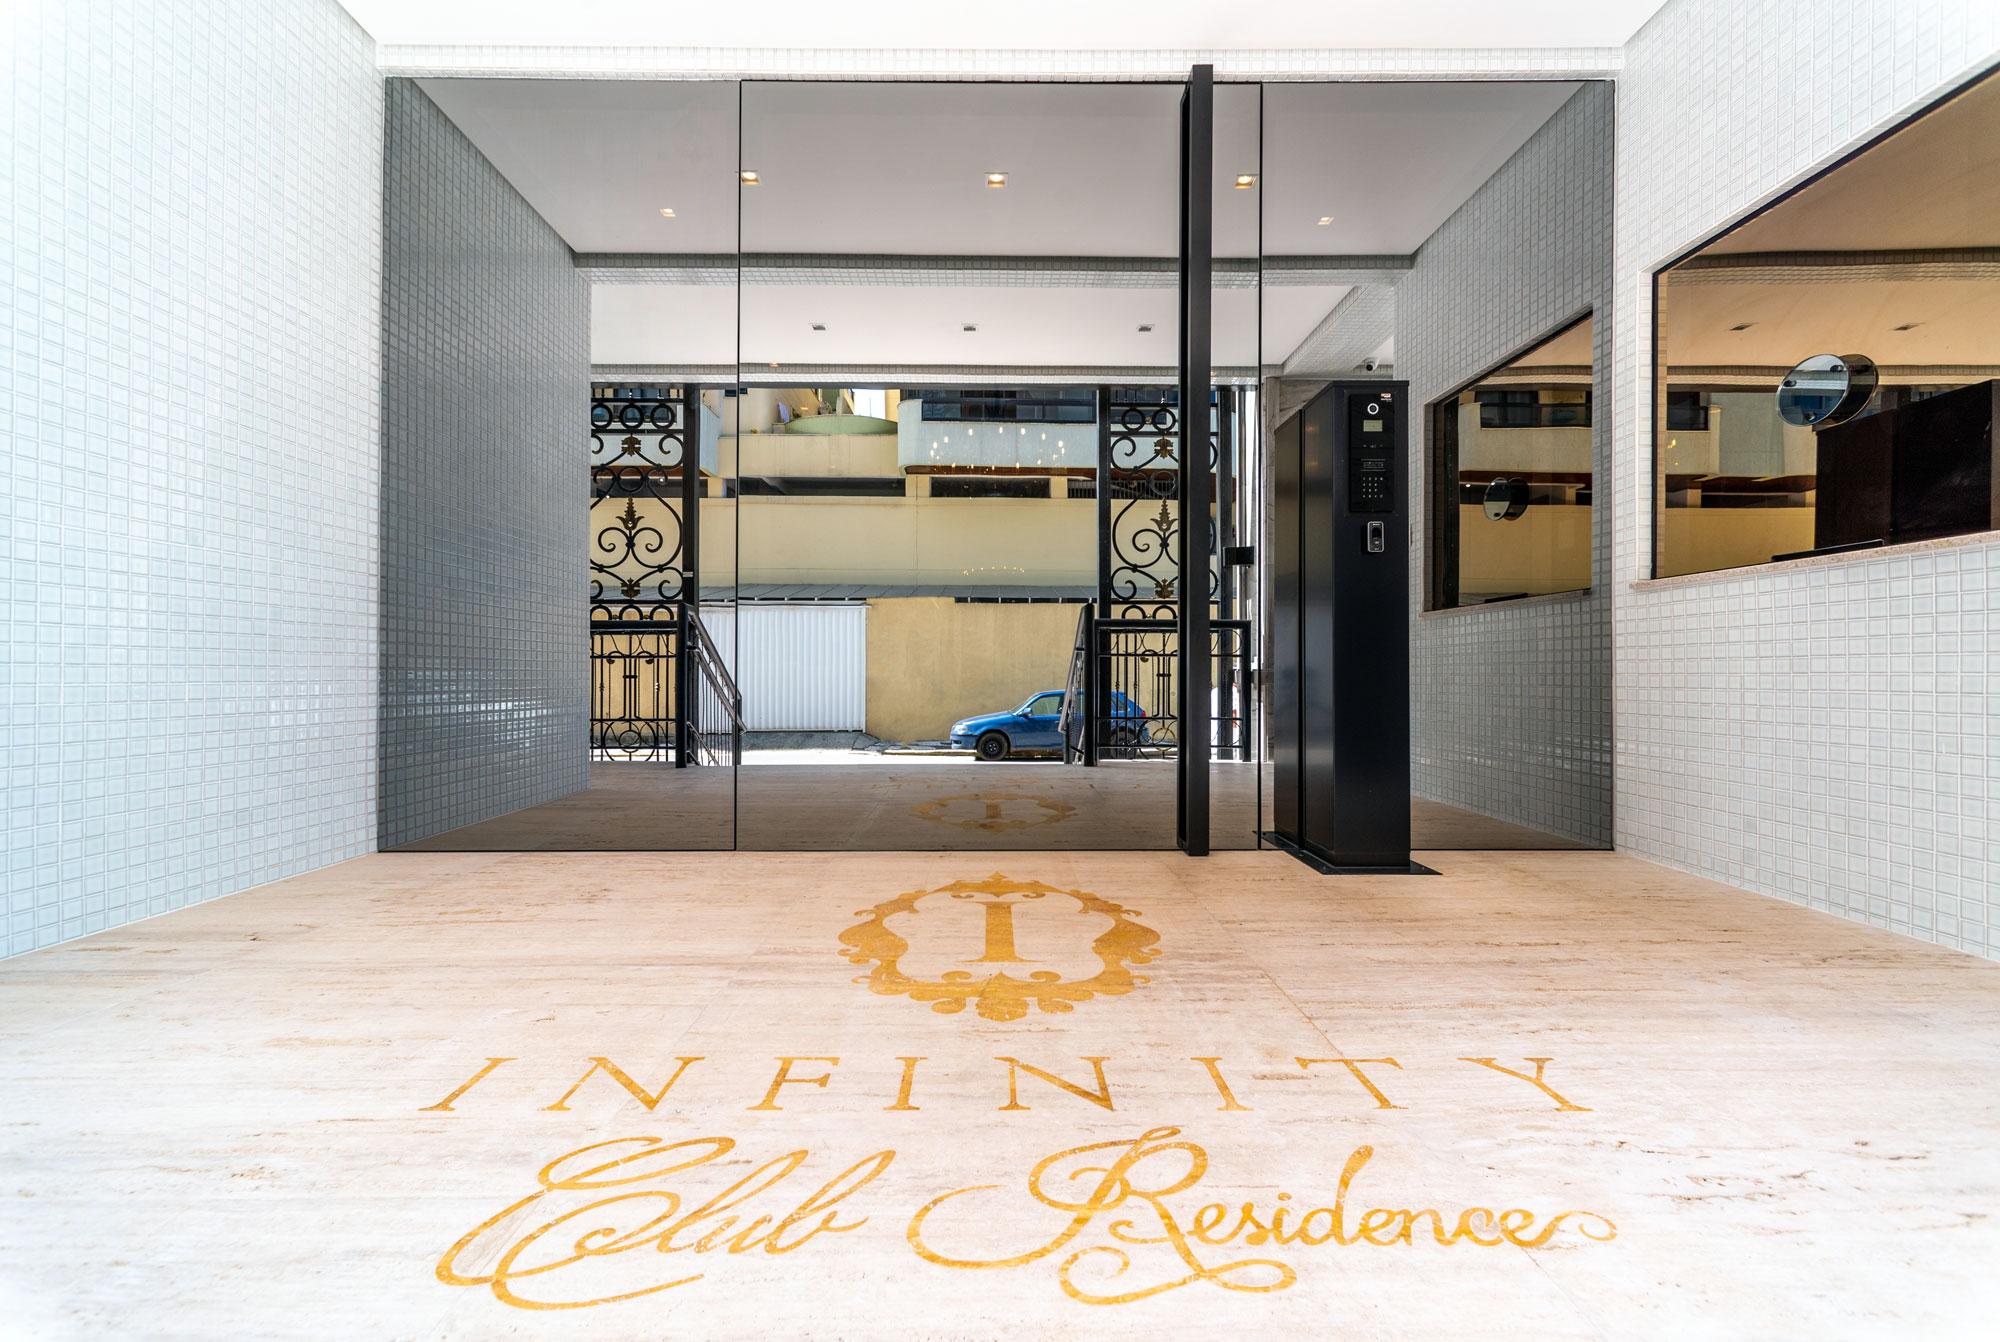 Infinity Club  - Infinity Residence Gabriela Herde 14 1 51